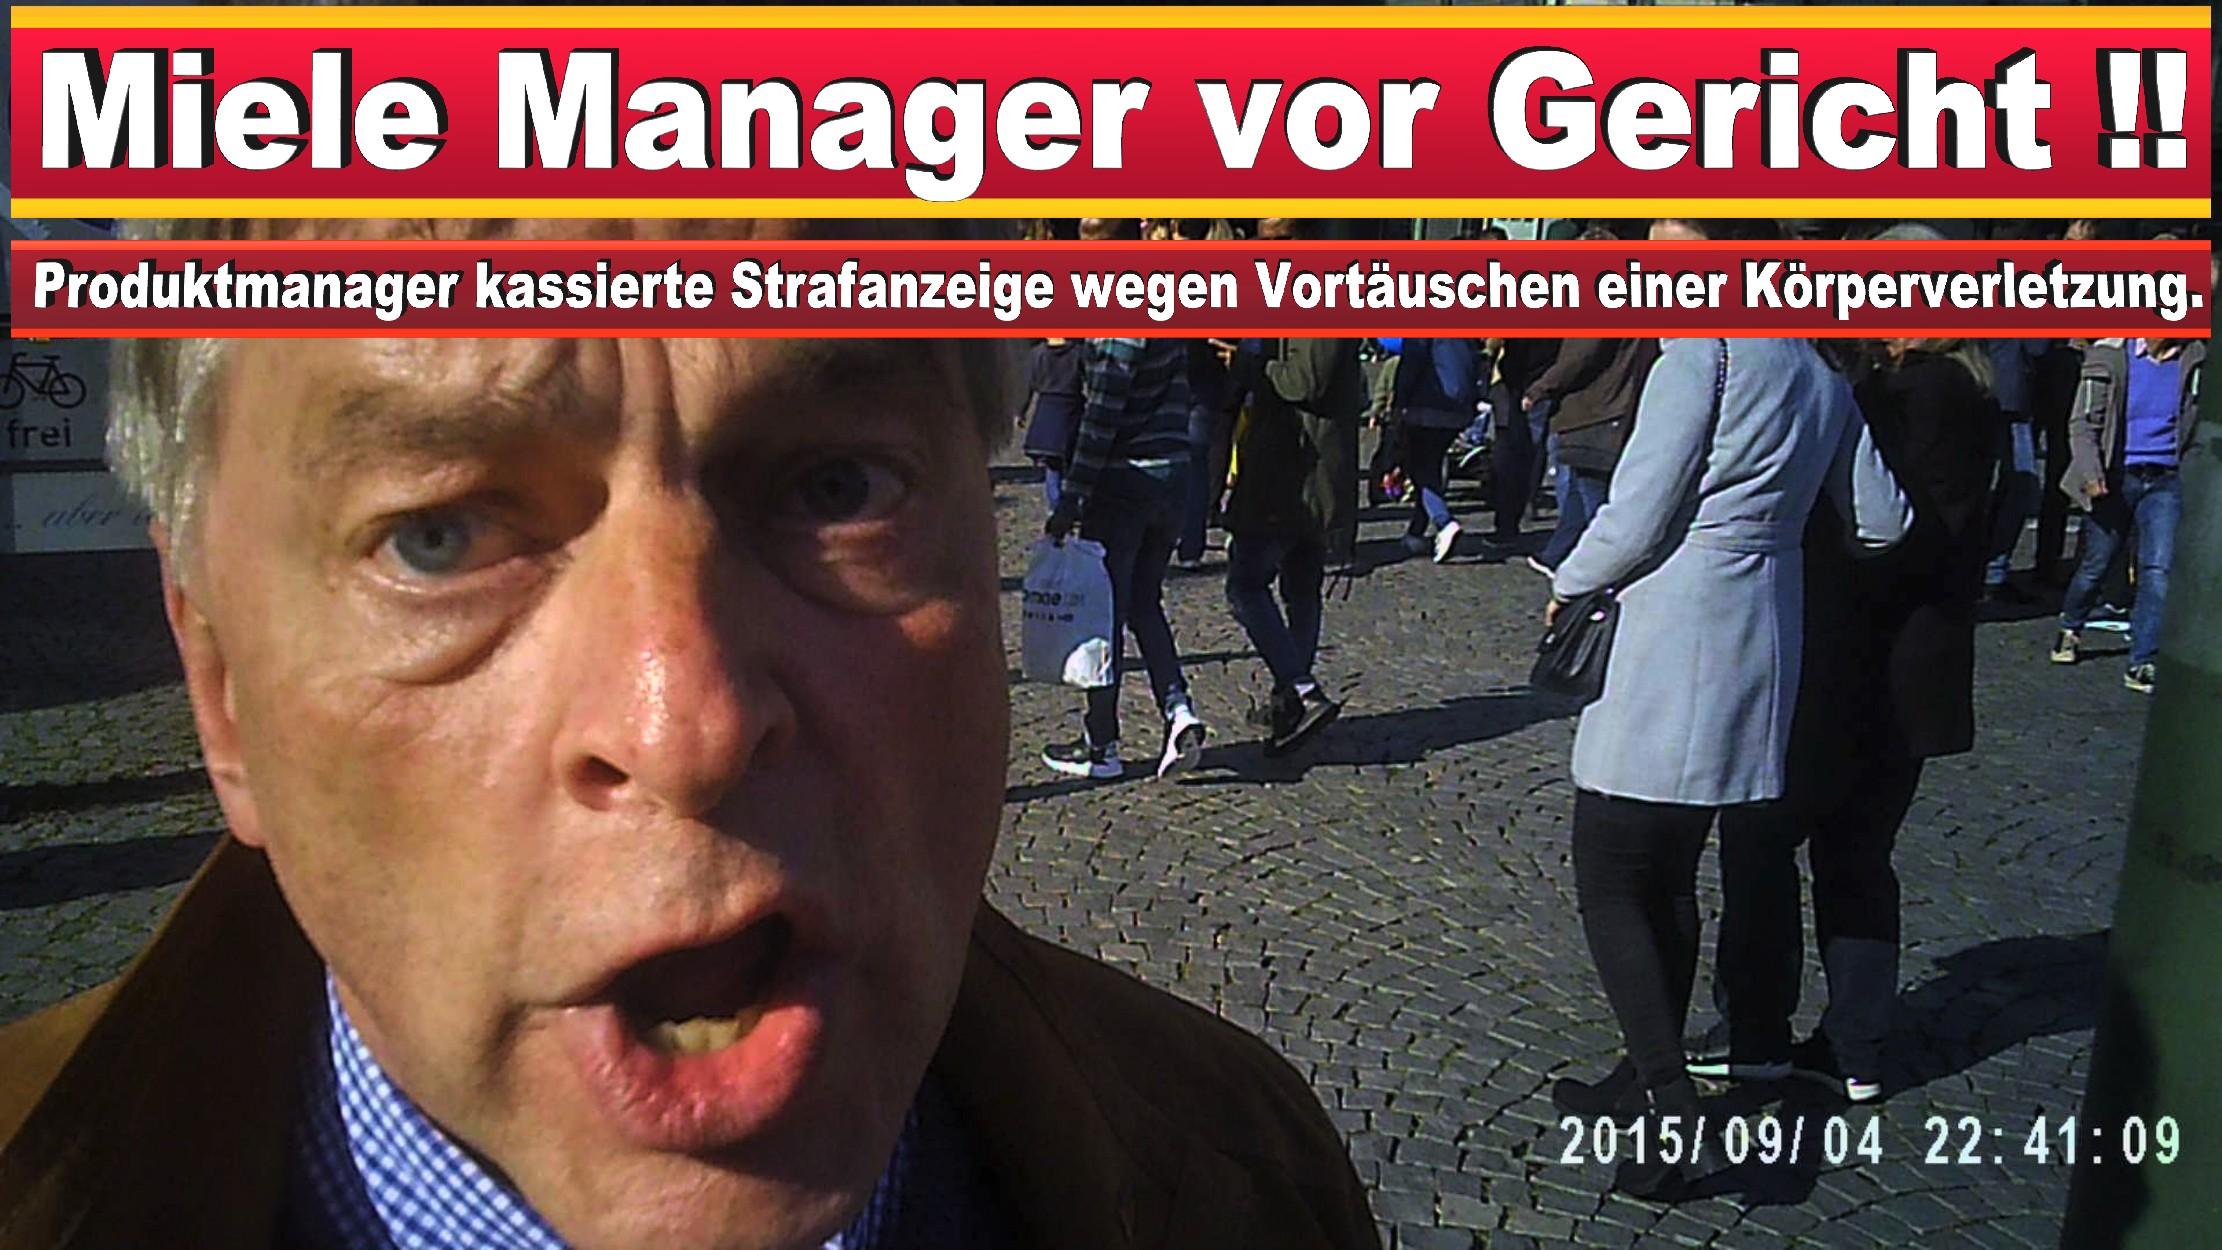 MICHAEL WEBER CDU BIELEFELD GEWALTAUSBRUCH UND STRAFANZEIGE (15)